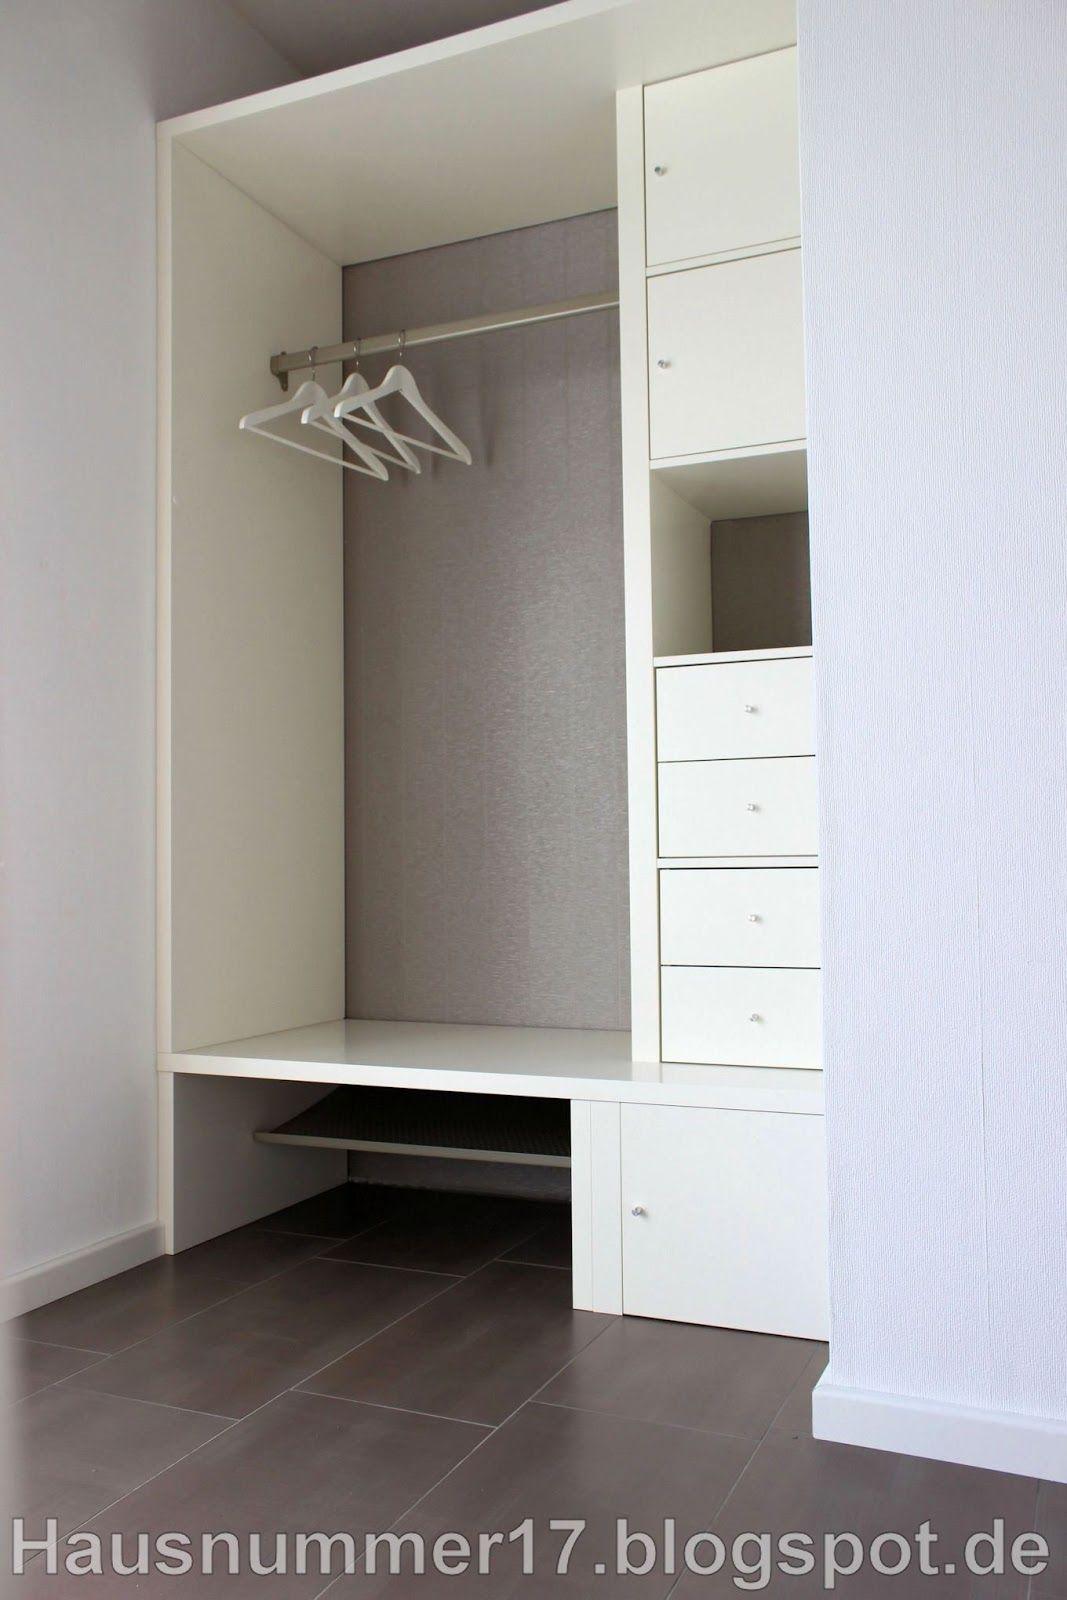 Ikea Hack Eine Flur Garderobe Selber Bauen Mit Bildern Garderobe Selber Bauen Garderobe Flur Einbauschrank Ikea